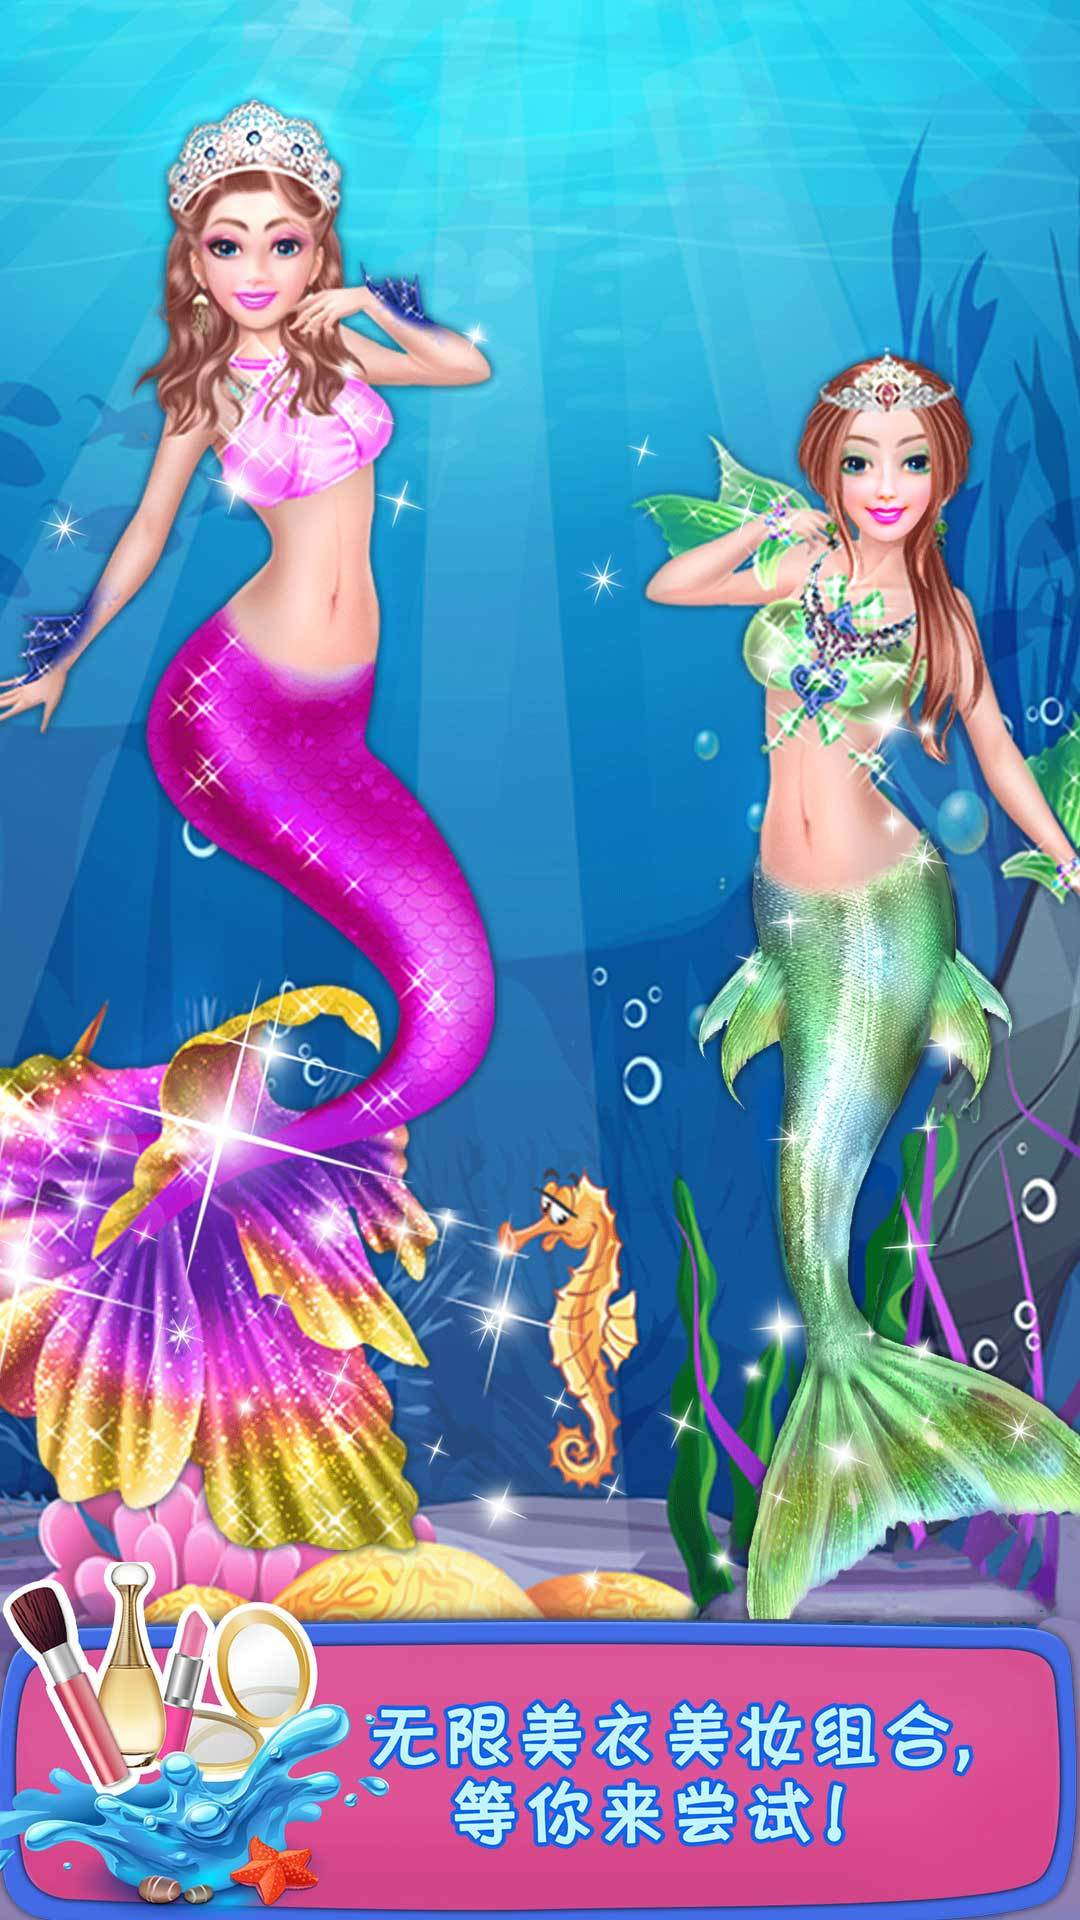 美人鱼公主软件截图2